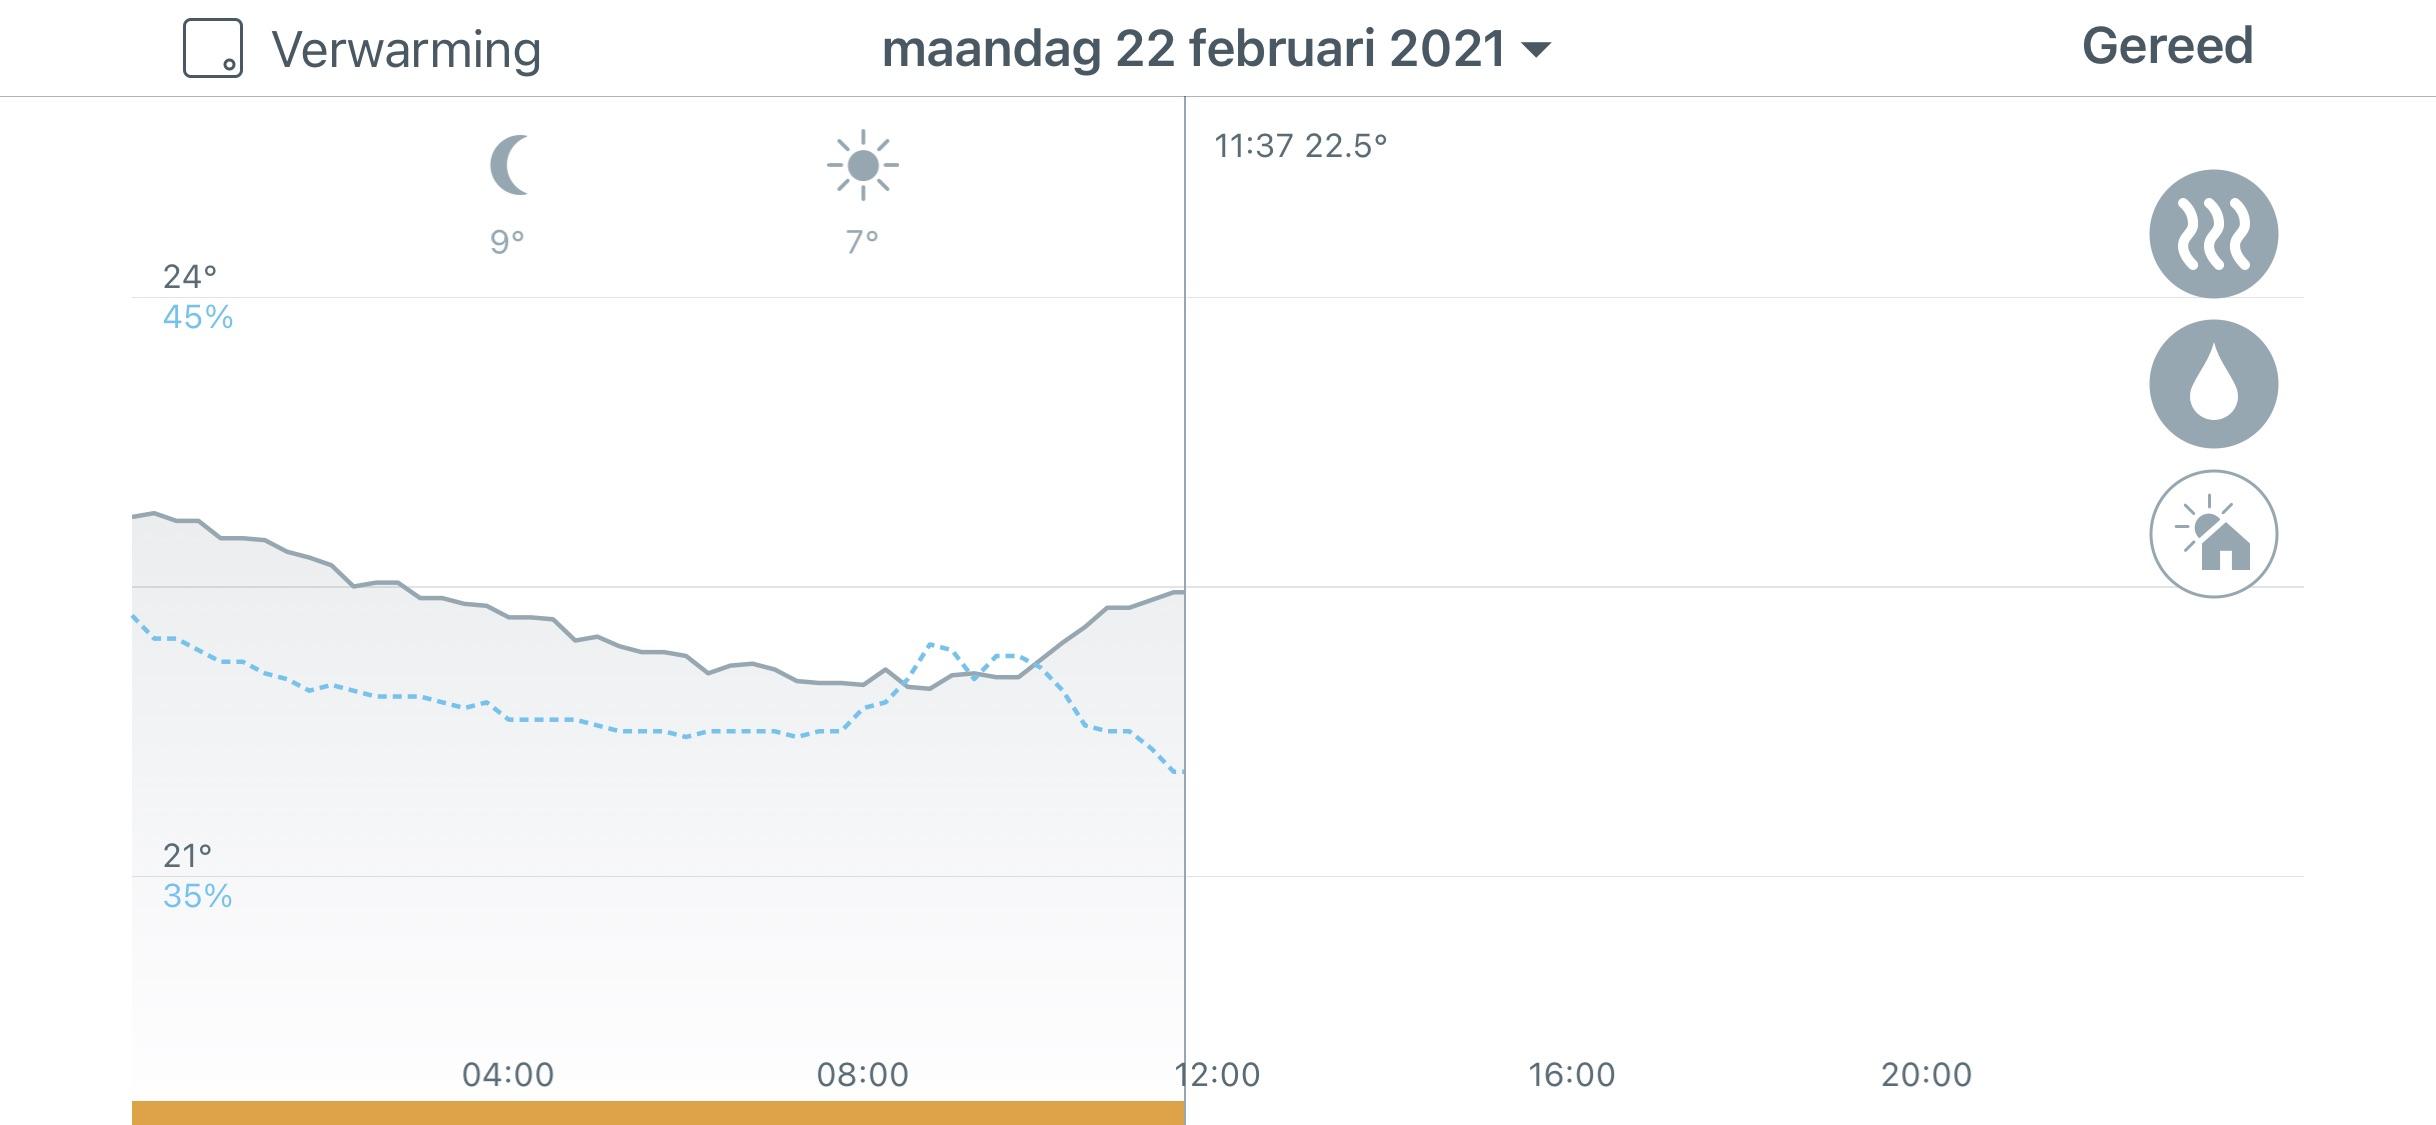 Schermafbeelding 2021-02-22 om 11.37.16.png